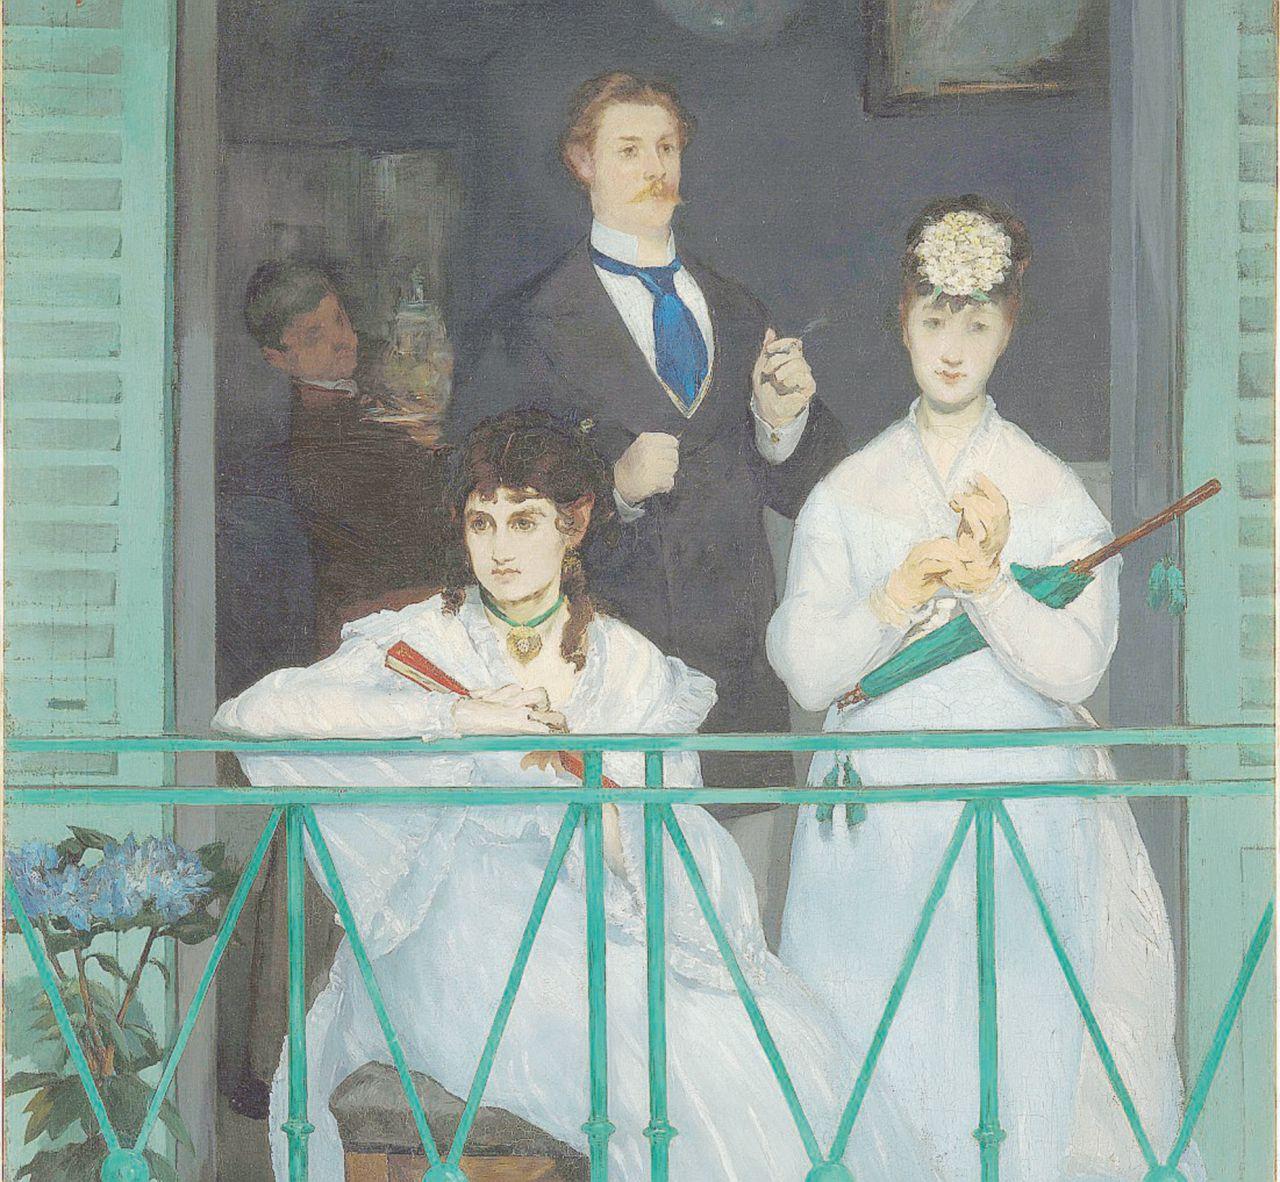 Manet, le luci a Parigi e l'inquietudine della modernità